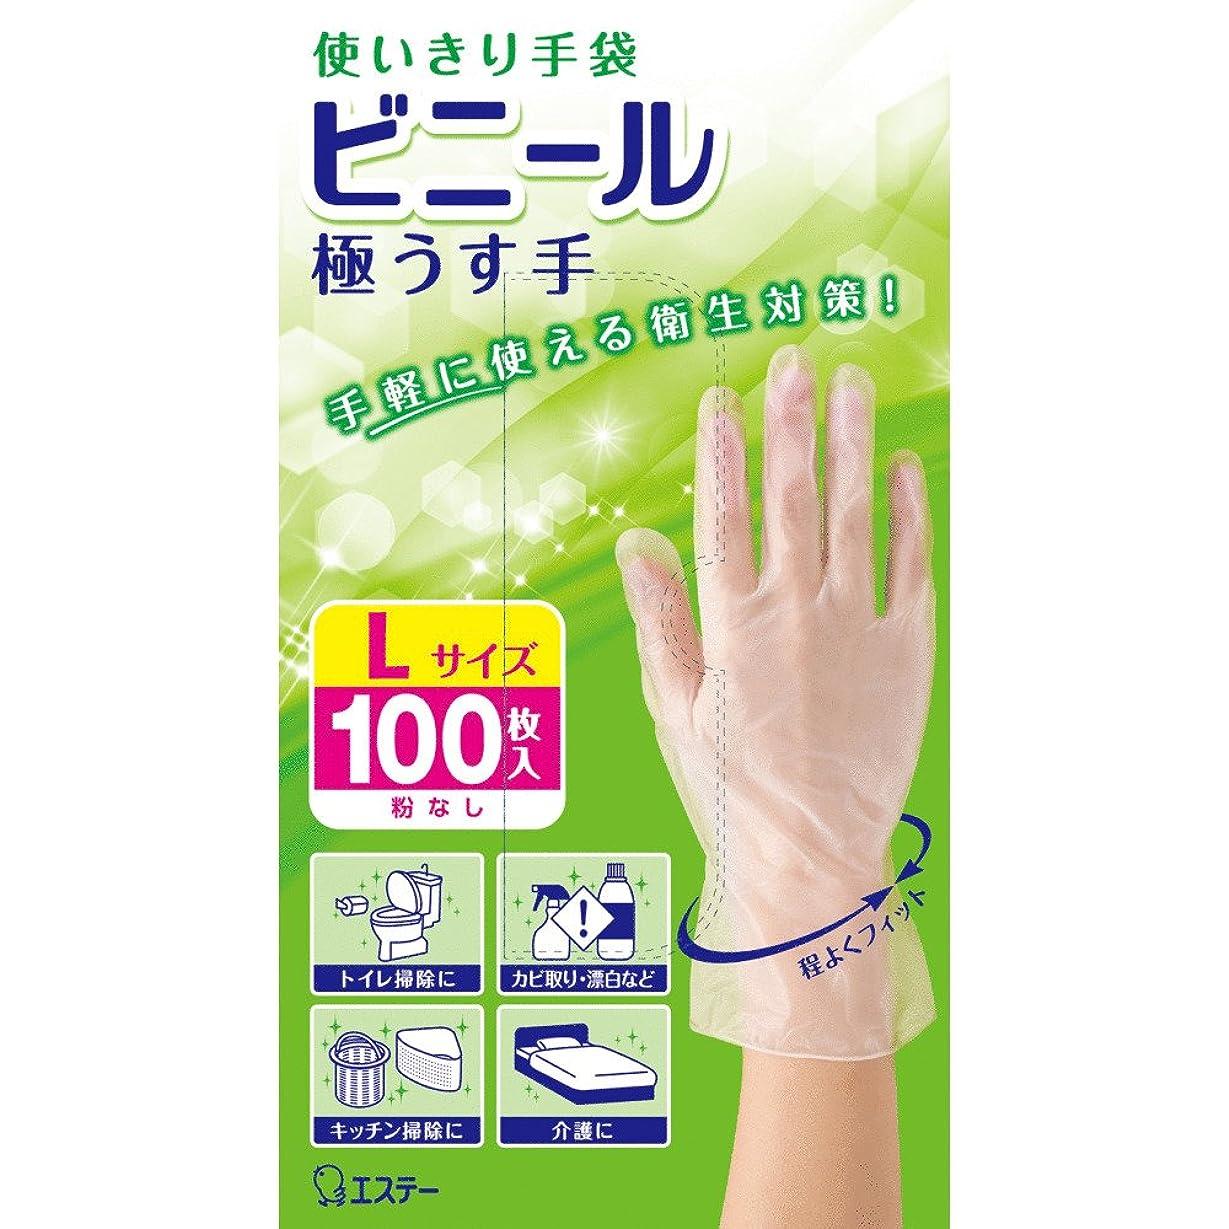 治世裏切り者噴出する使いきり手袋 ビニール 極うす手 炊事?掃除用 Lサイズ 半透明 100枚